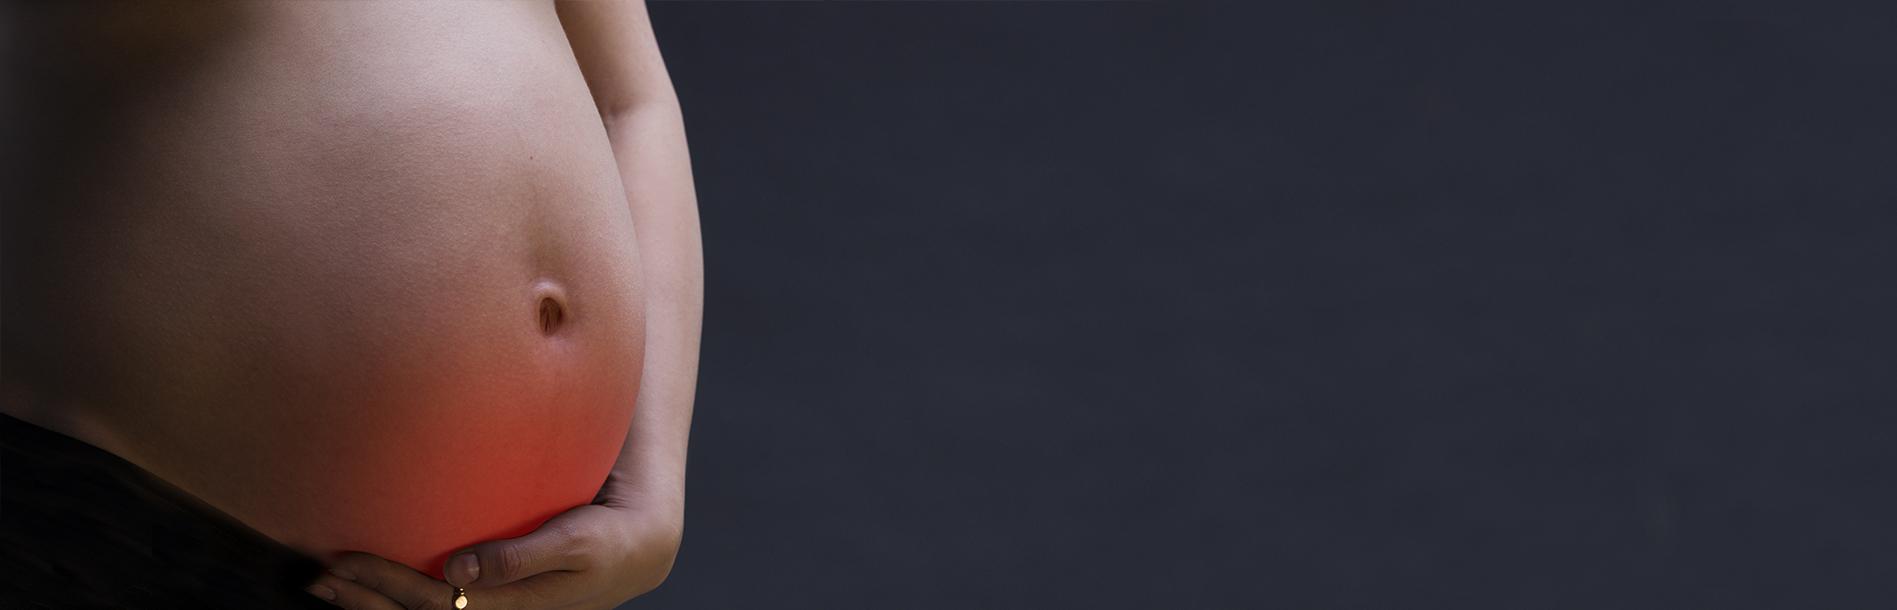 Gravidez de risco: sinais de alerta durante a gestação - Blog do Domingos Lourenço